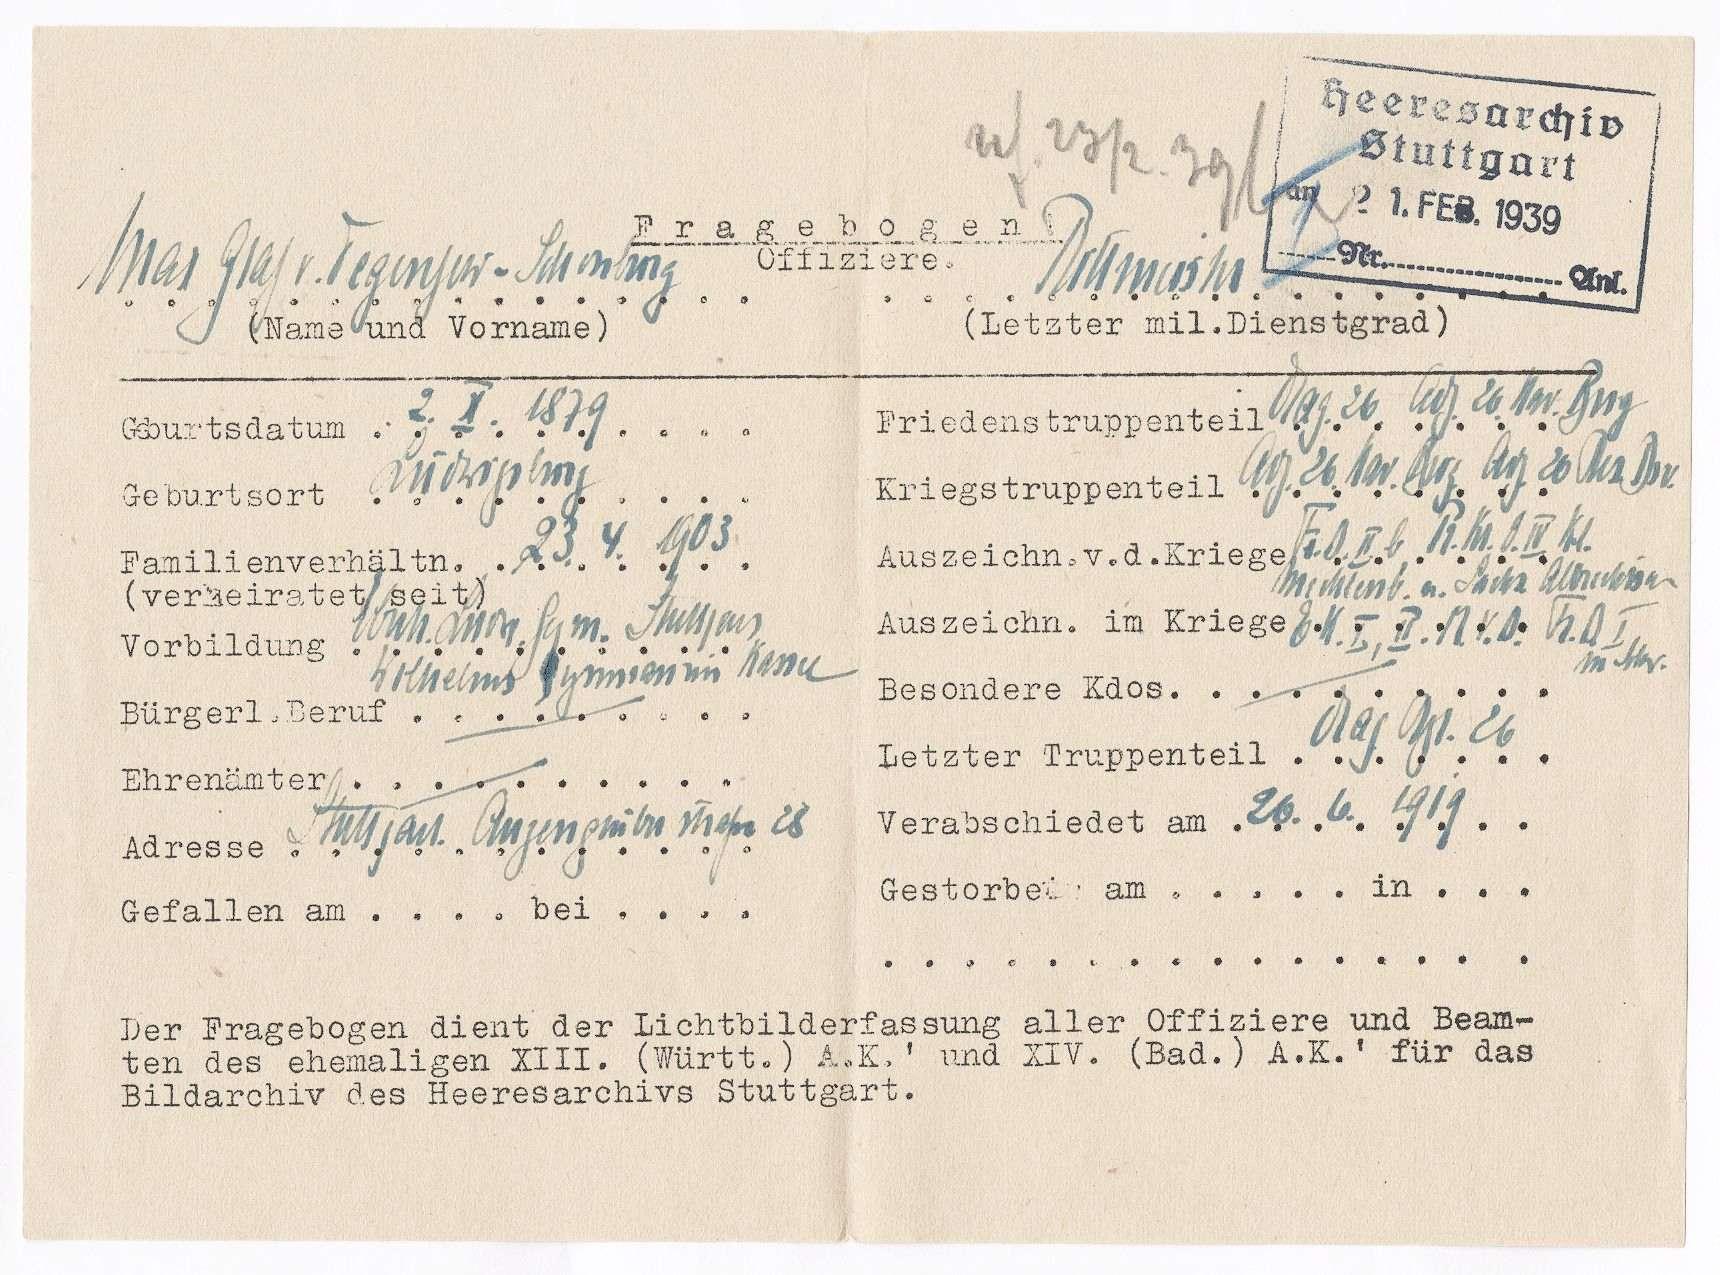 Degenfeld-Schonburg, Max von, Graf, Bild 2